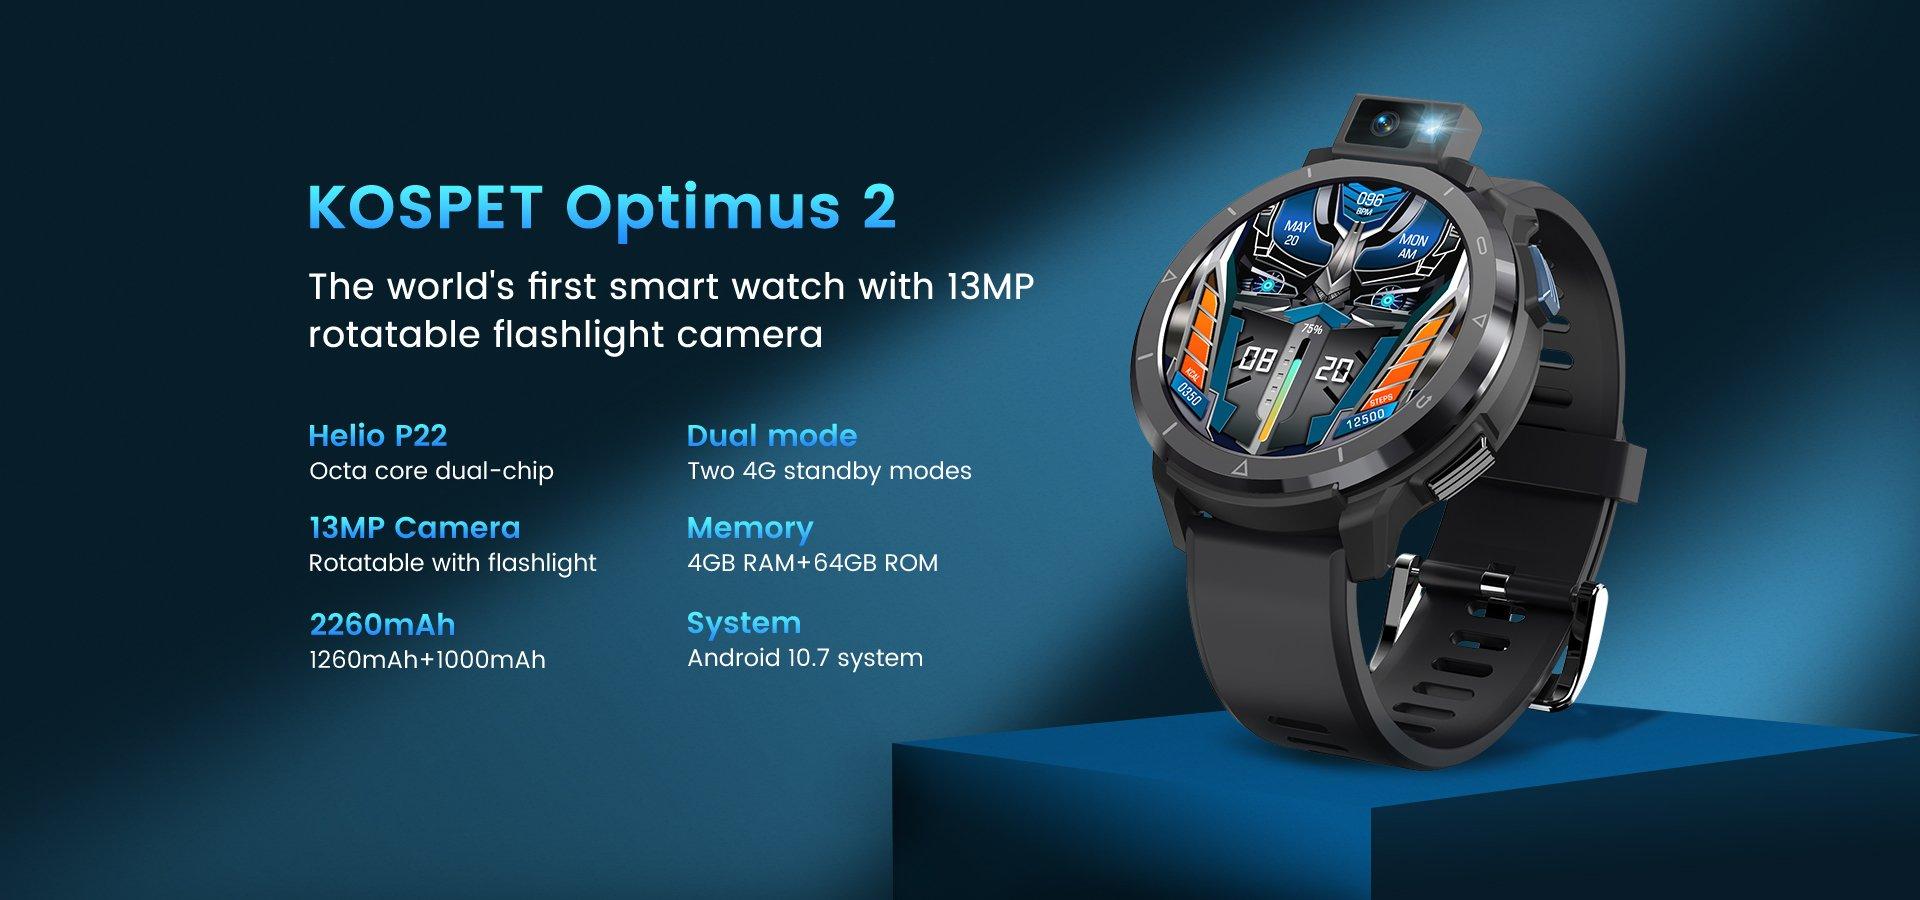 KOSPET Optimus 2 smartwatch